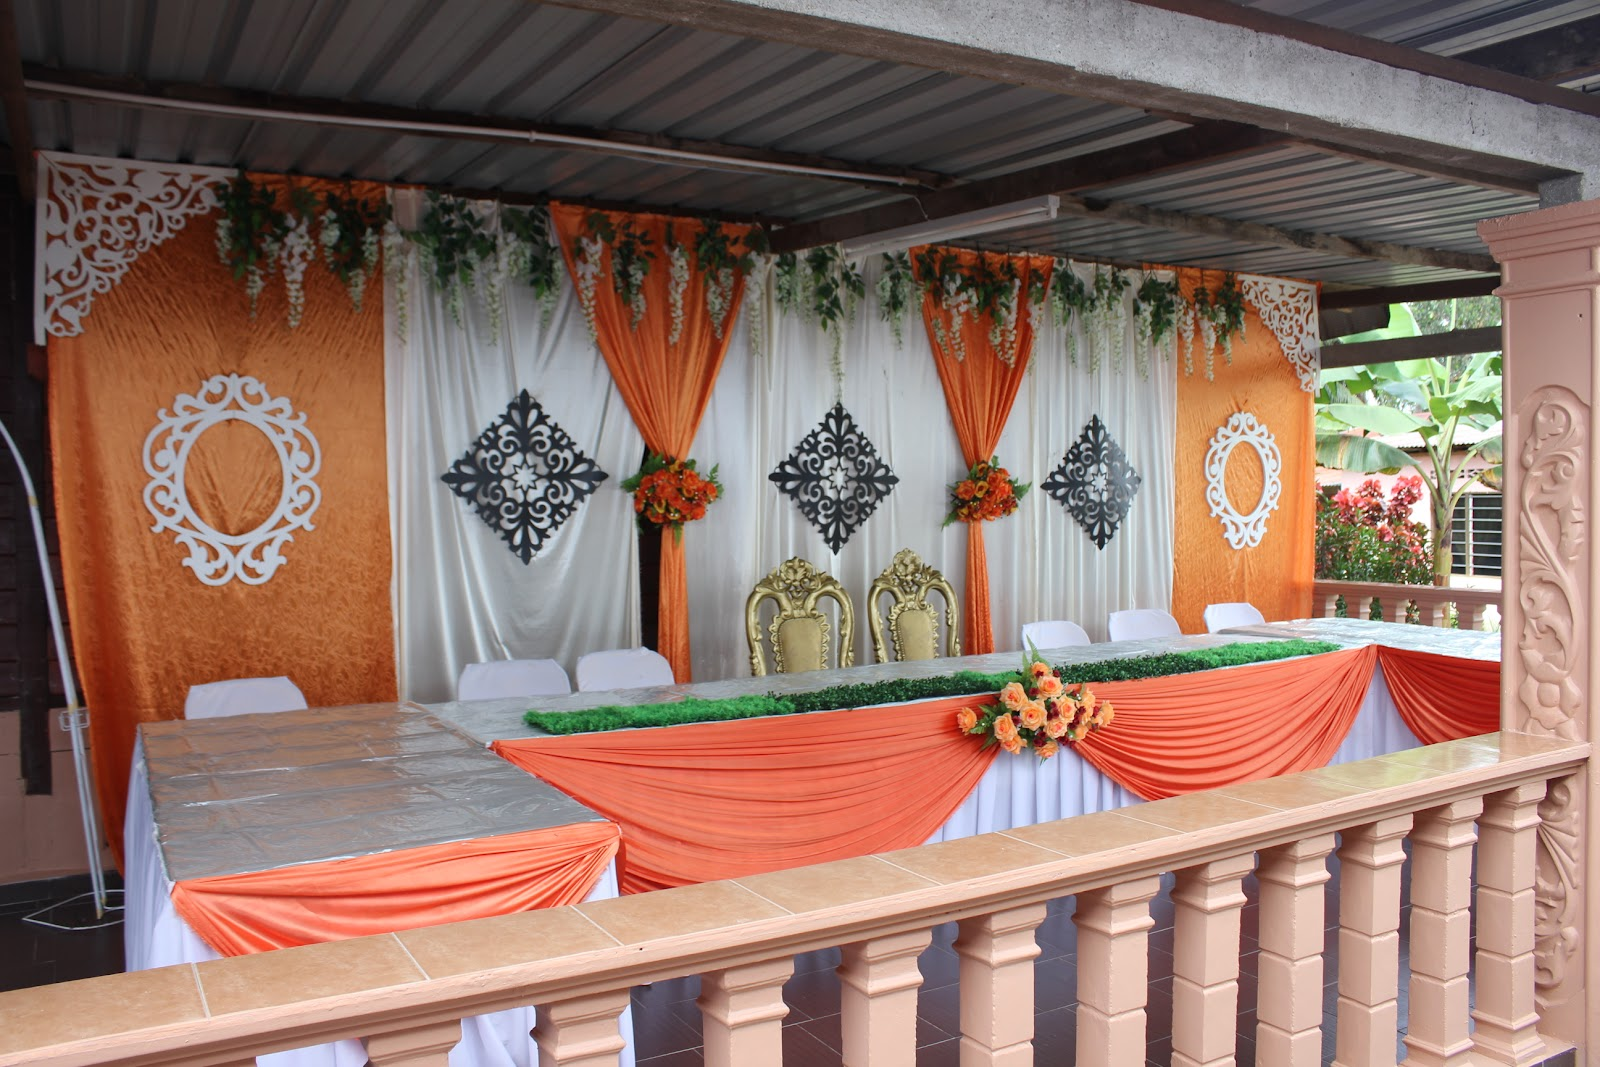 J My Buat Kat Anjung Rumah Boleh Muat Dalam 15 Orang Kot Decoration Nice Puas Hati Meja Kek Pengantin Pun Mak